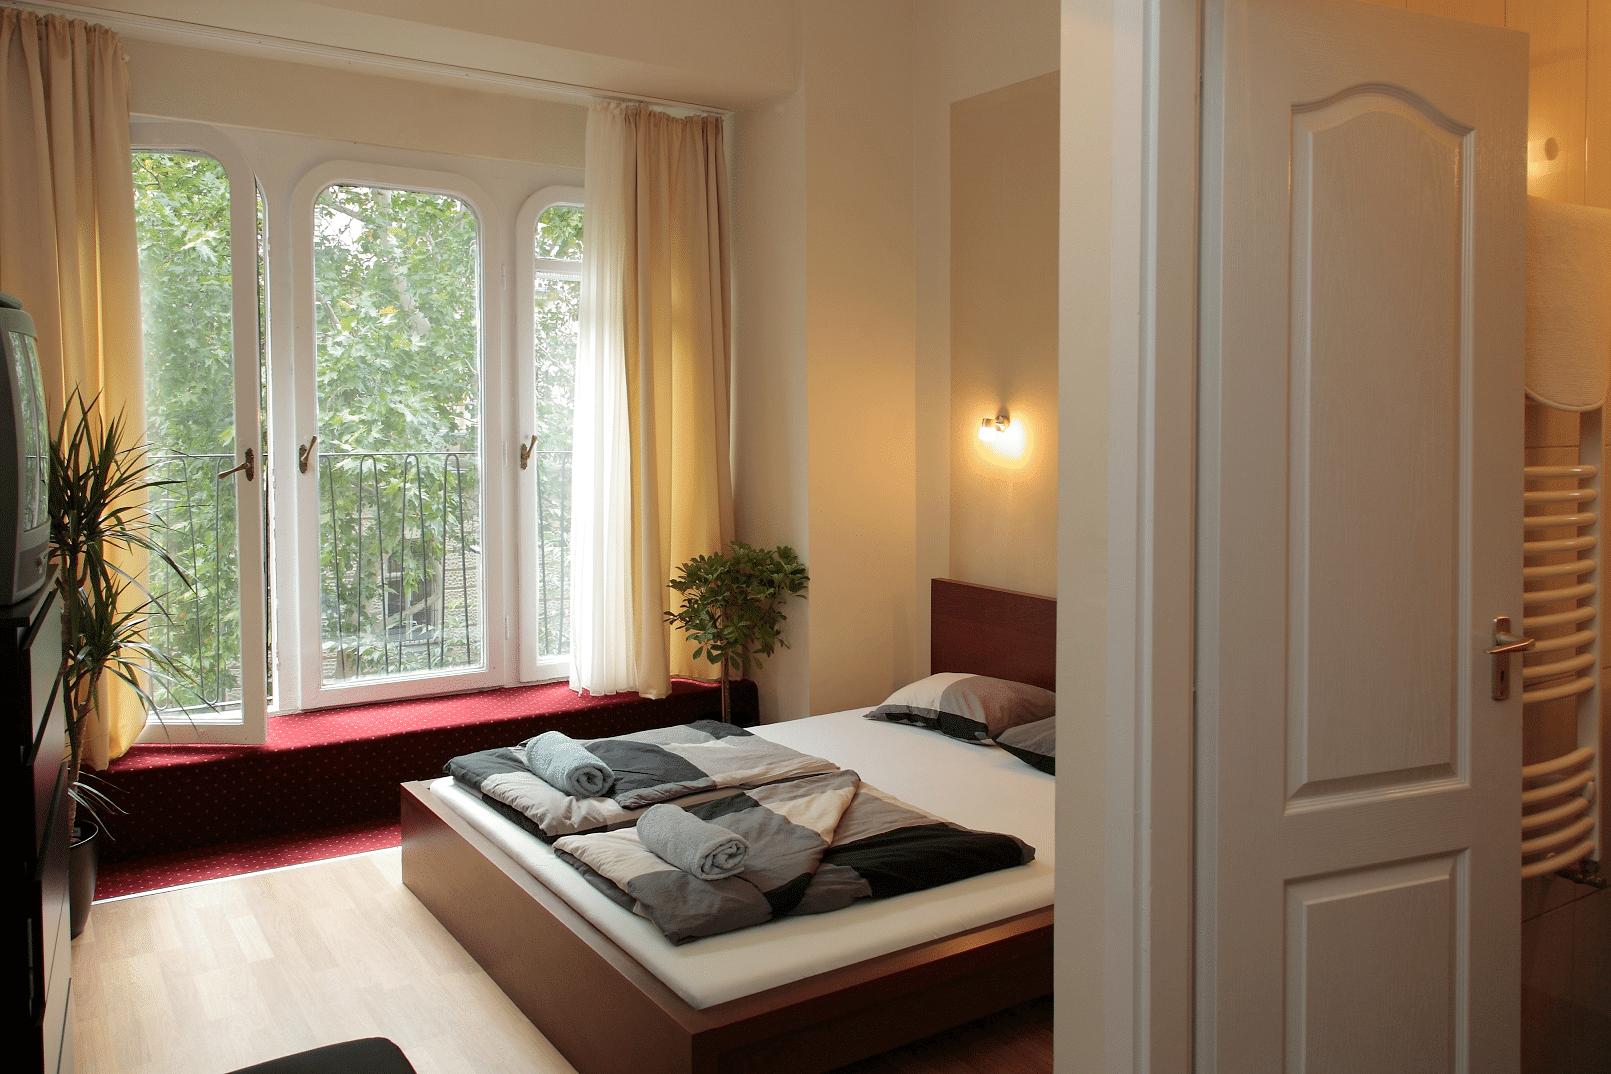 10. Habitación privada, Maverick Hostel (Budapest – Hungría)